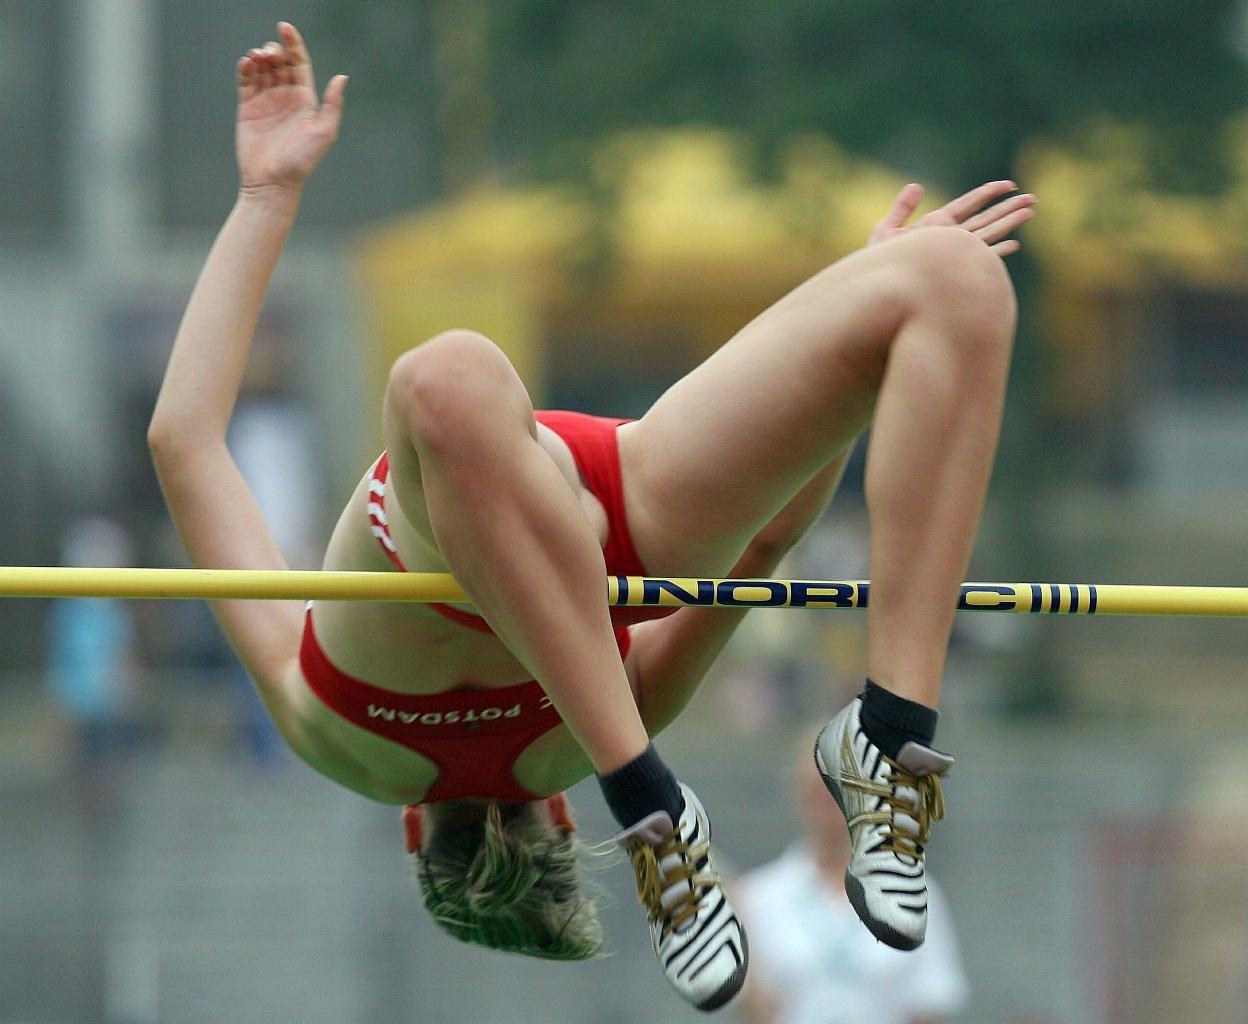 Трусики спортсменок фото, Засветы спортсменок, спортсменки засветились во 22 фотография